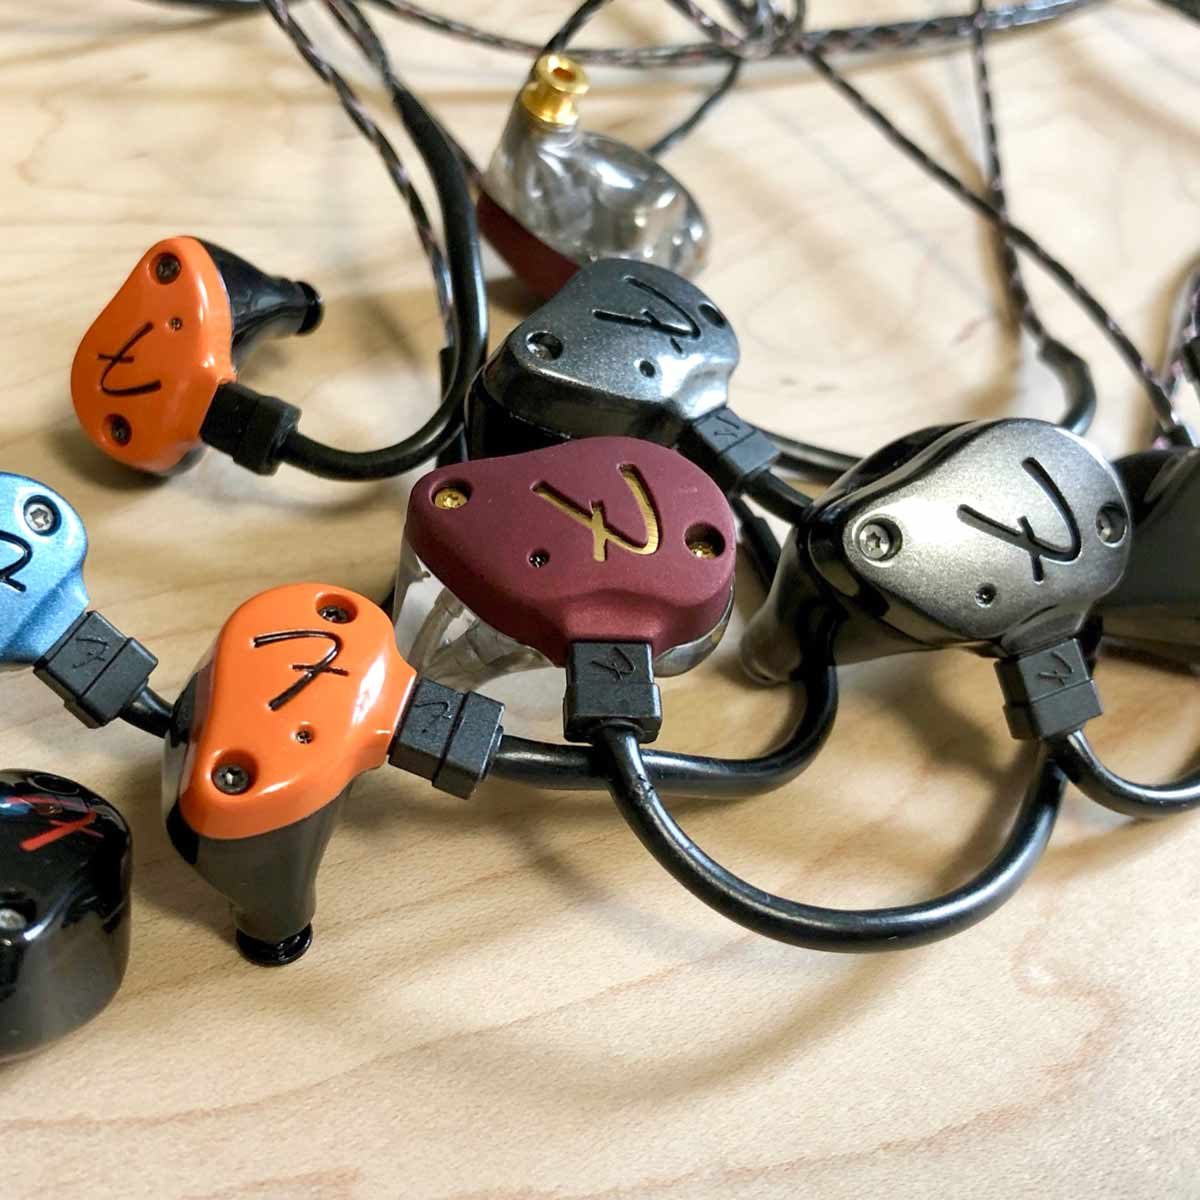 Fenderイヤホン「Pro IEM」徹底レビュー! 全7機種をFenderゆかりの名曲で聴く